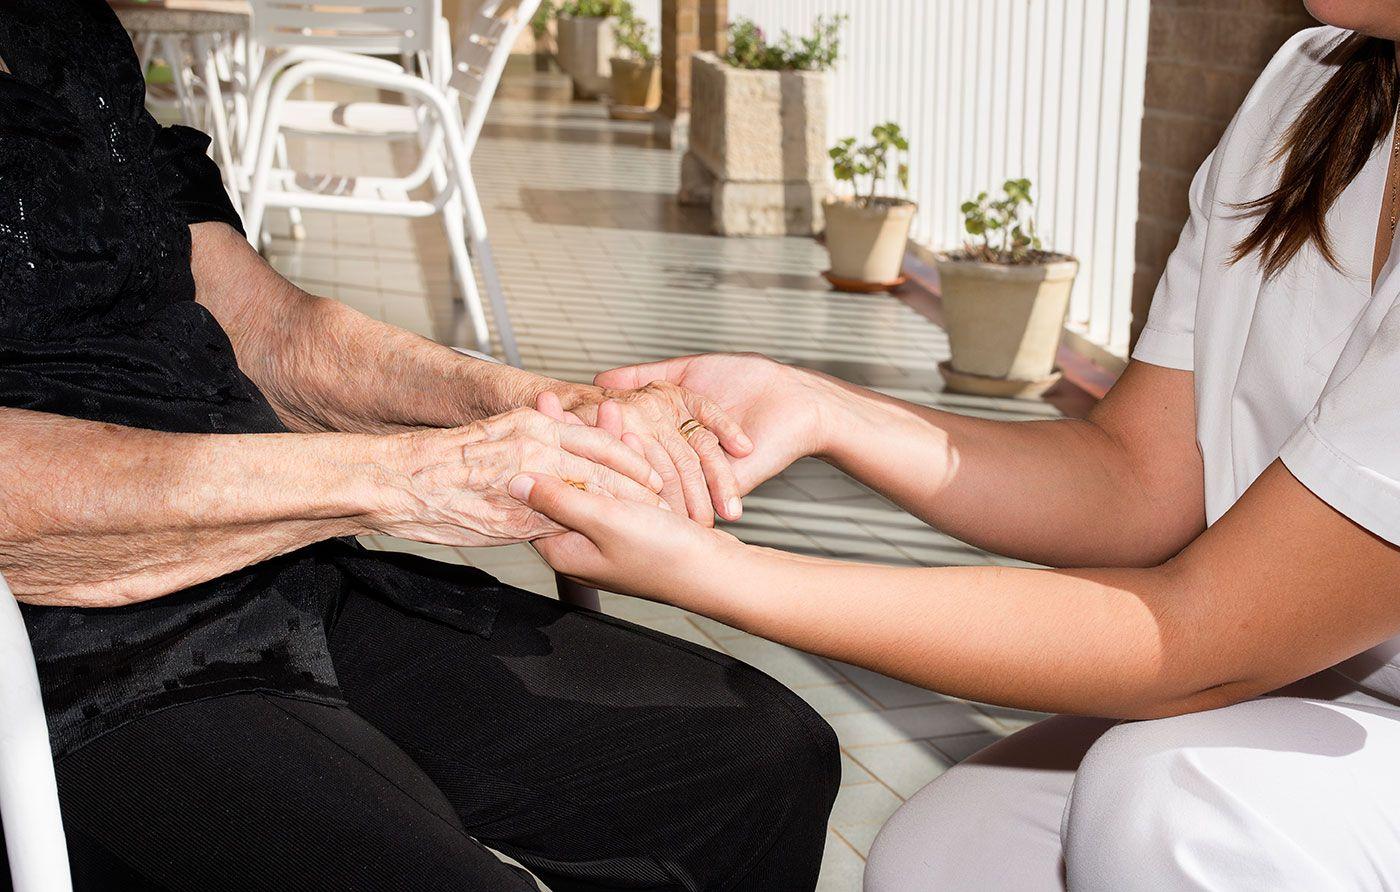 RHMRO manos - Apoyo interpersonal, abrazos, risas y mucho amor, principales tareas de un voluntario Lares CV